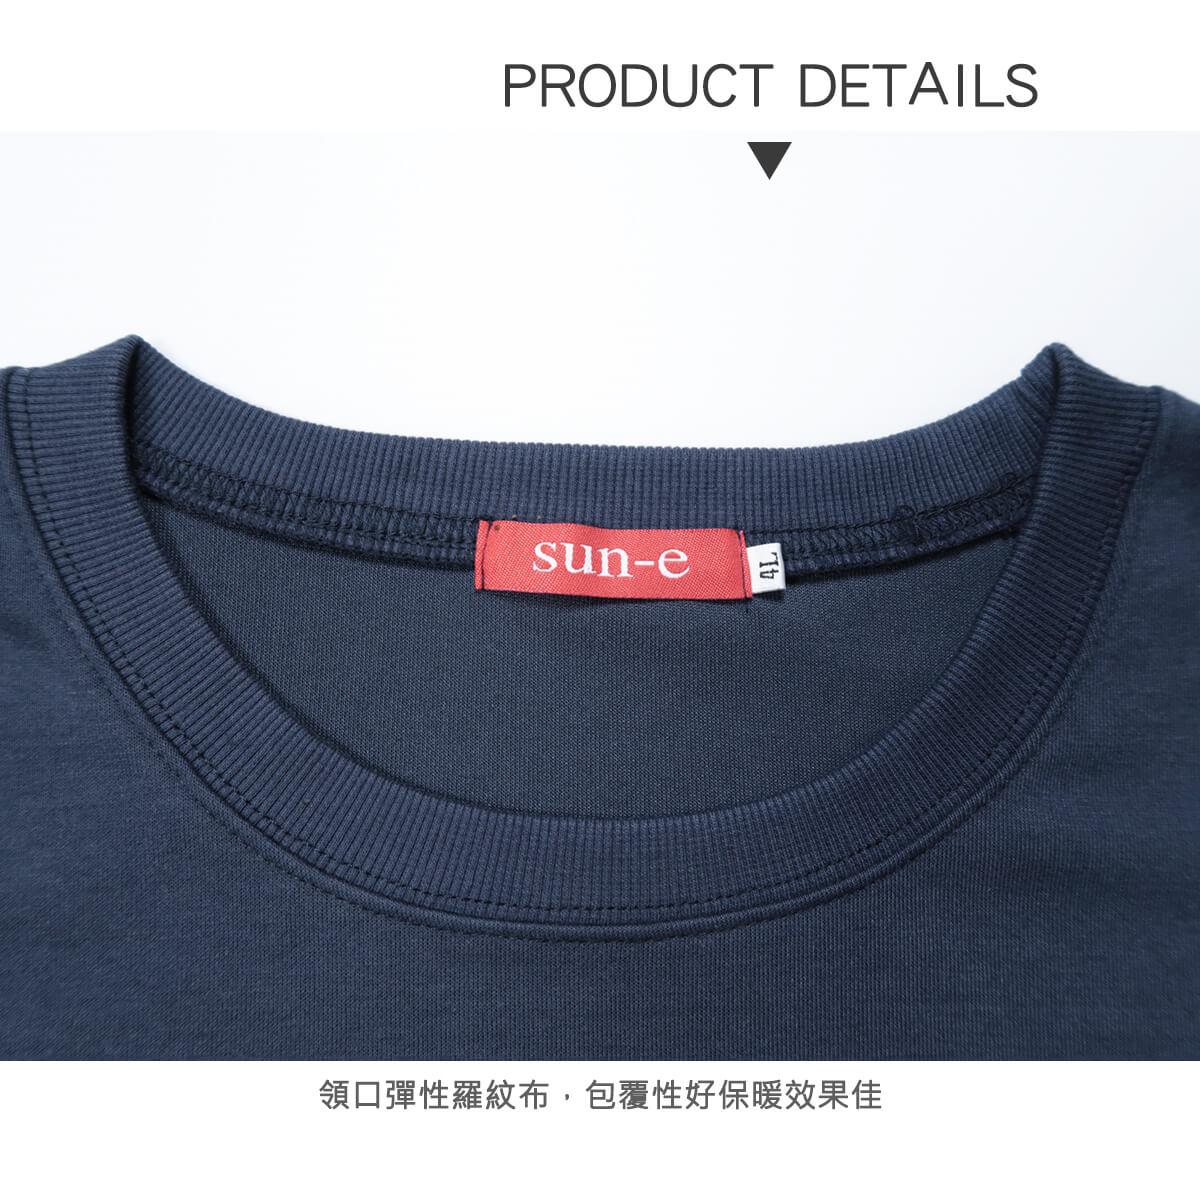 加大尺碼台灣製長袖T恤 哥德體英文字彈性圓領T恤 T-shirt 長袖上衣 休閒長TEE 藍色T恤 黑色T恤 MADE IN TAIWAN NAVY BLUE BIG_AND_TALL (310-0860-08)海軍藍、(310-0860-21)黑色 4L 6L(胸圍52~57英吋) [實體店面保障] sun-e 5